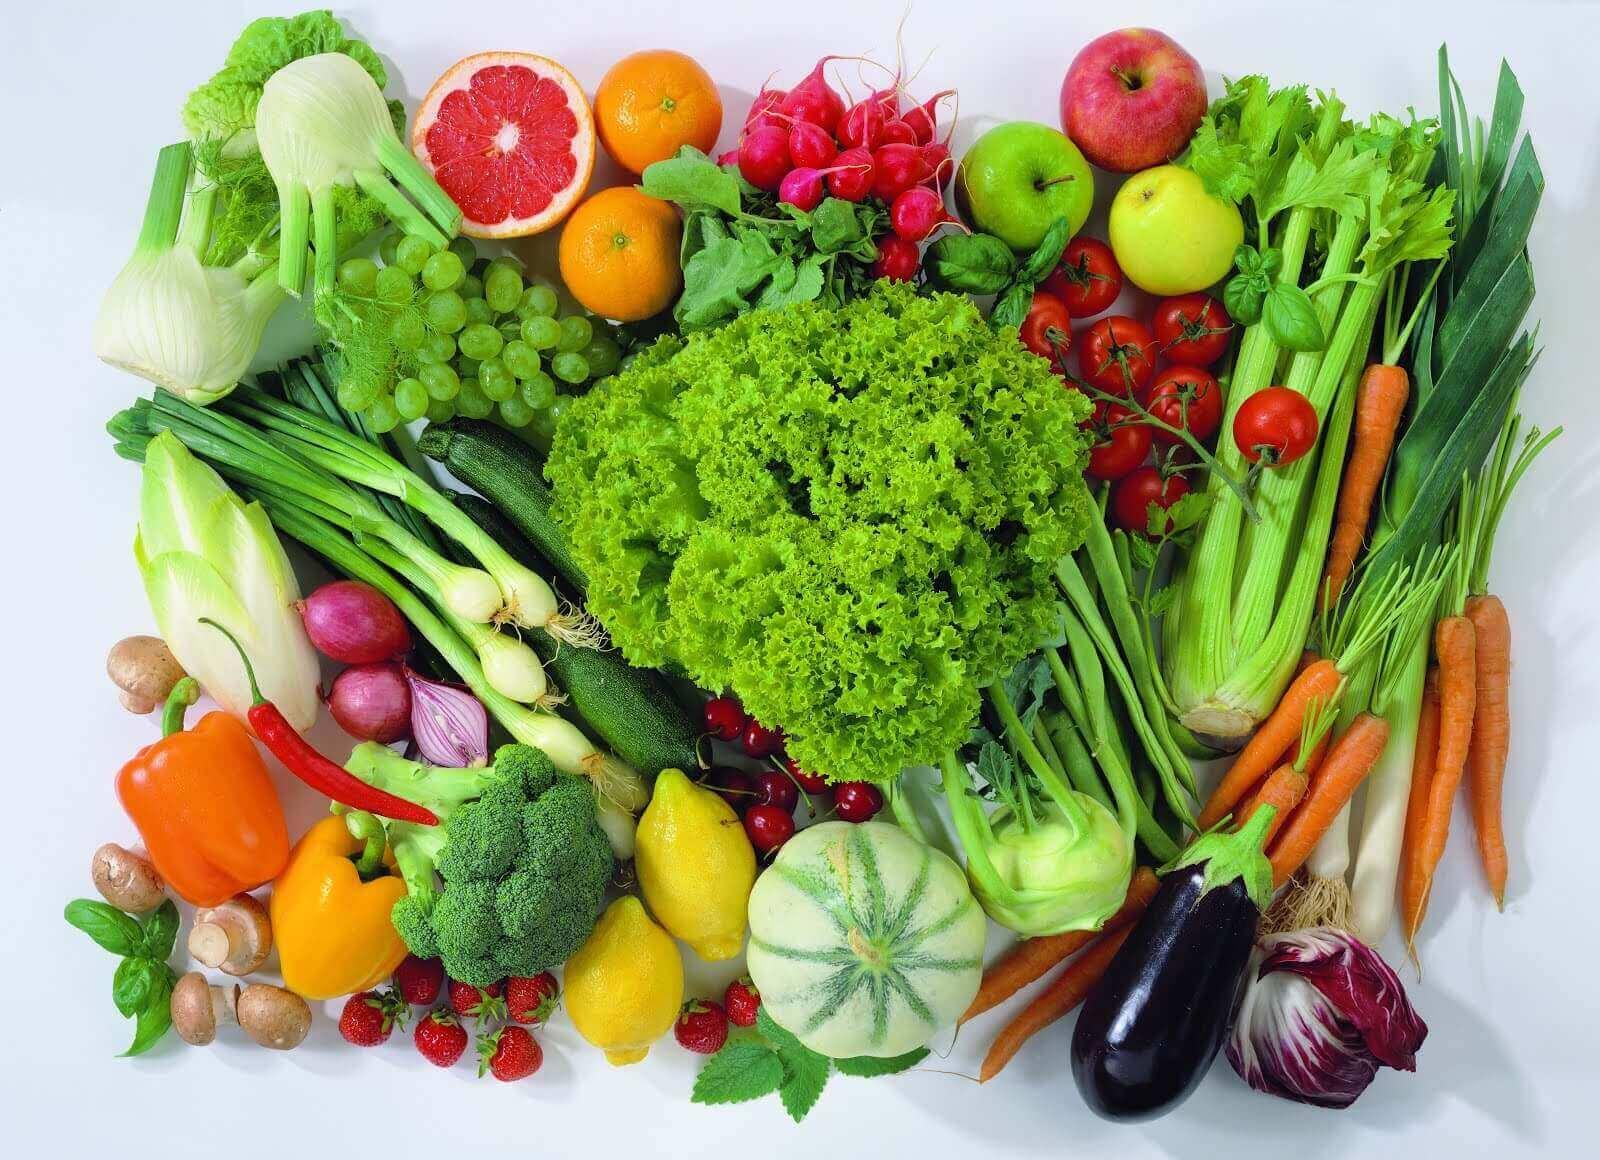 раціон для втрати ваги містить овочі та фрукти